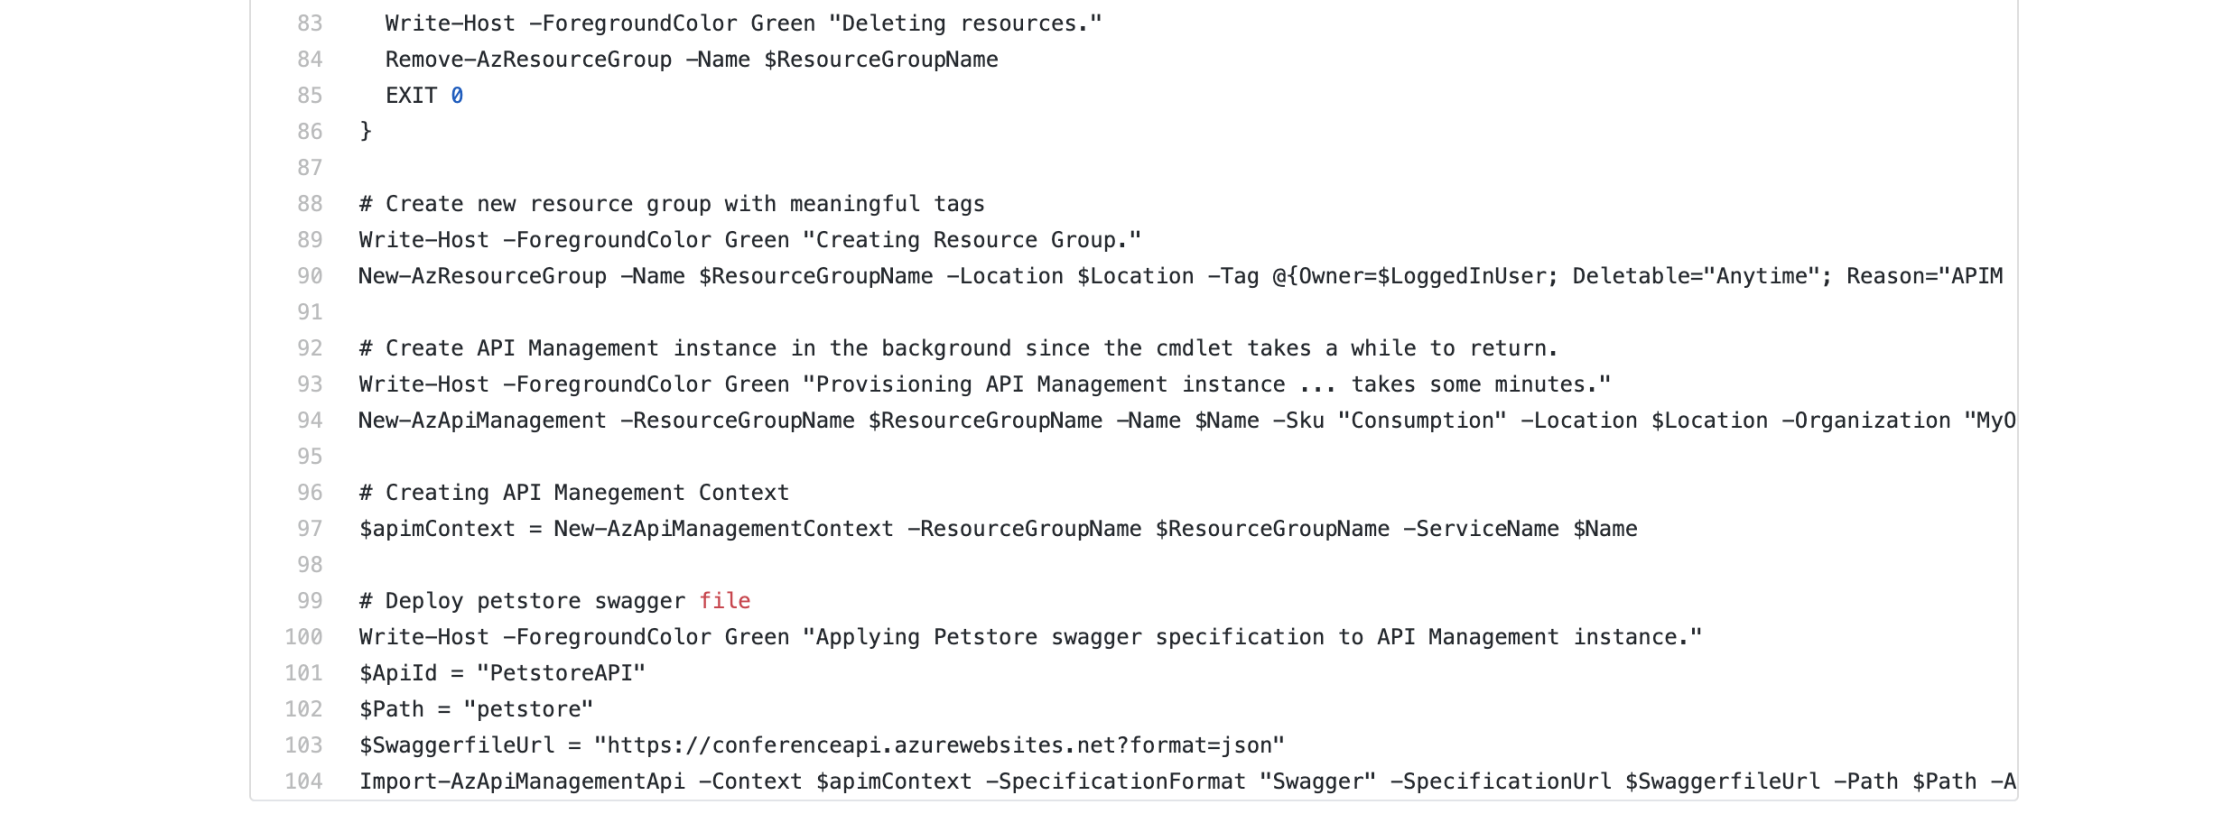 Deploying APIM with PowerShell